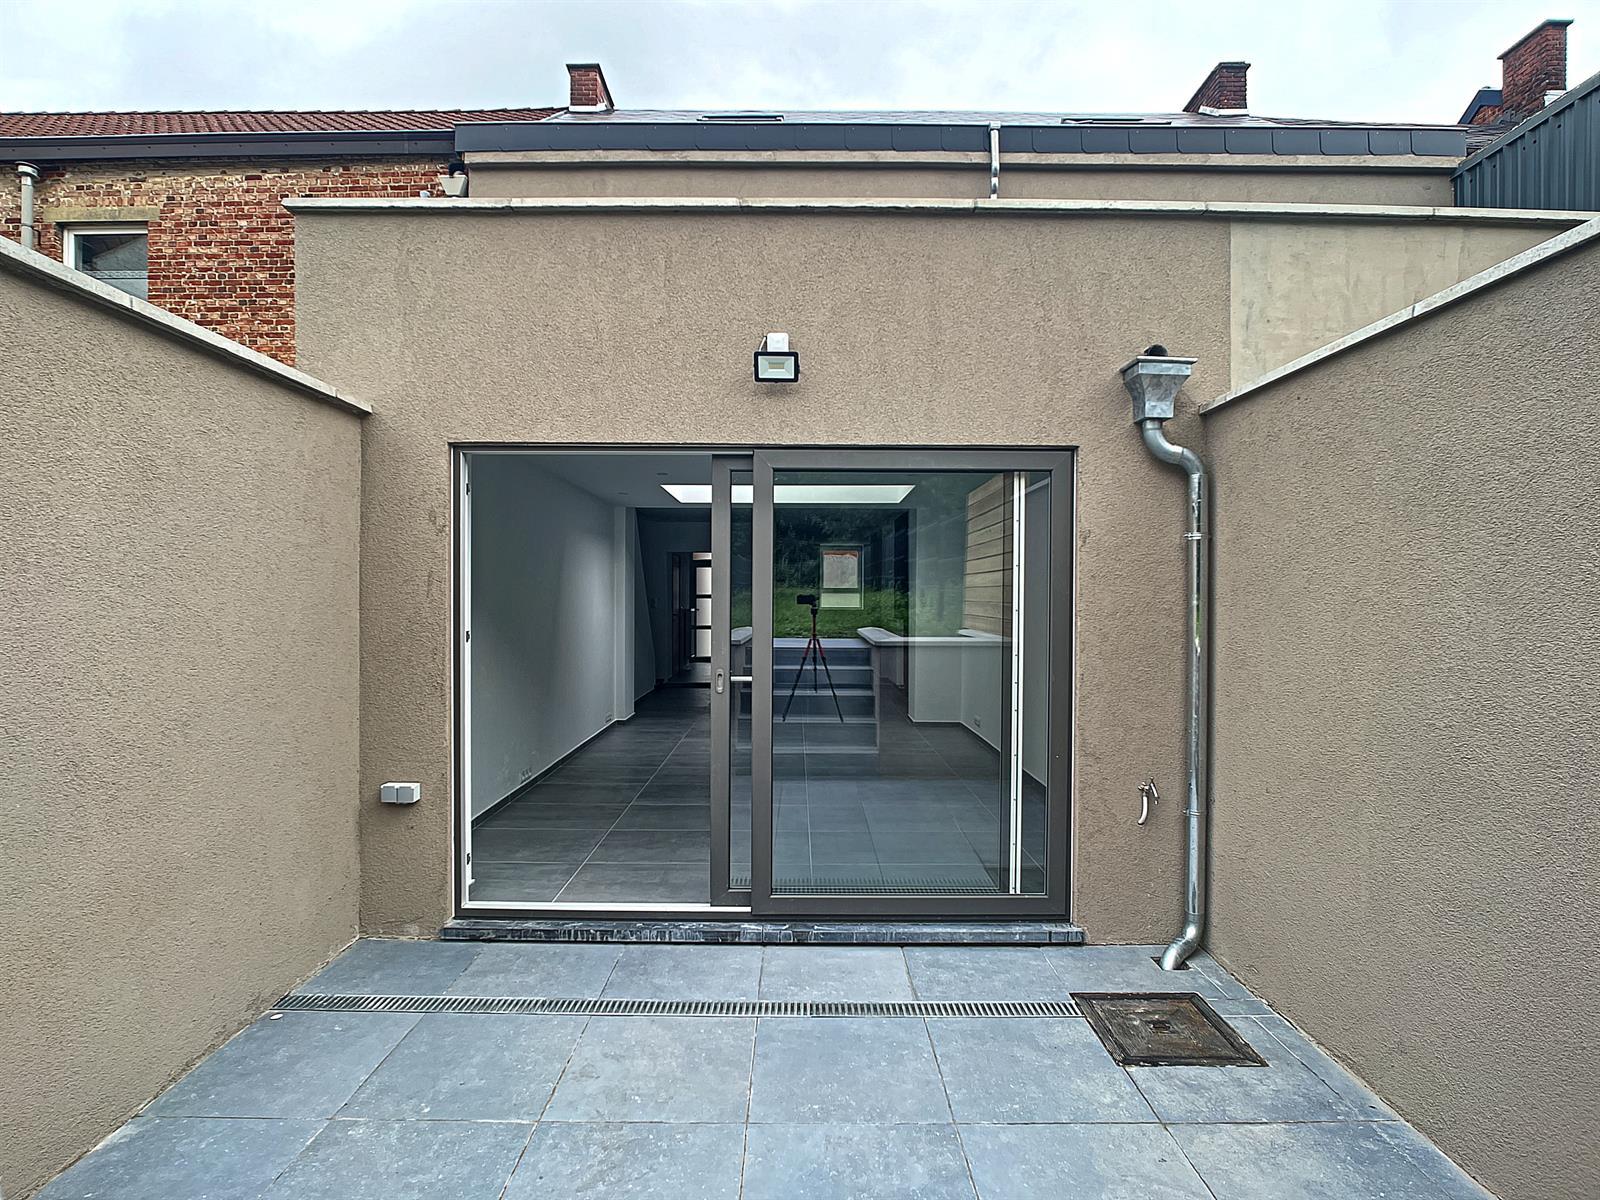 Maison - Trazegnies - #4451767-24